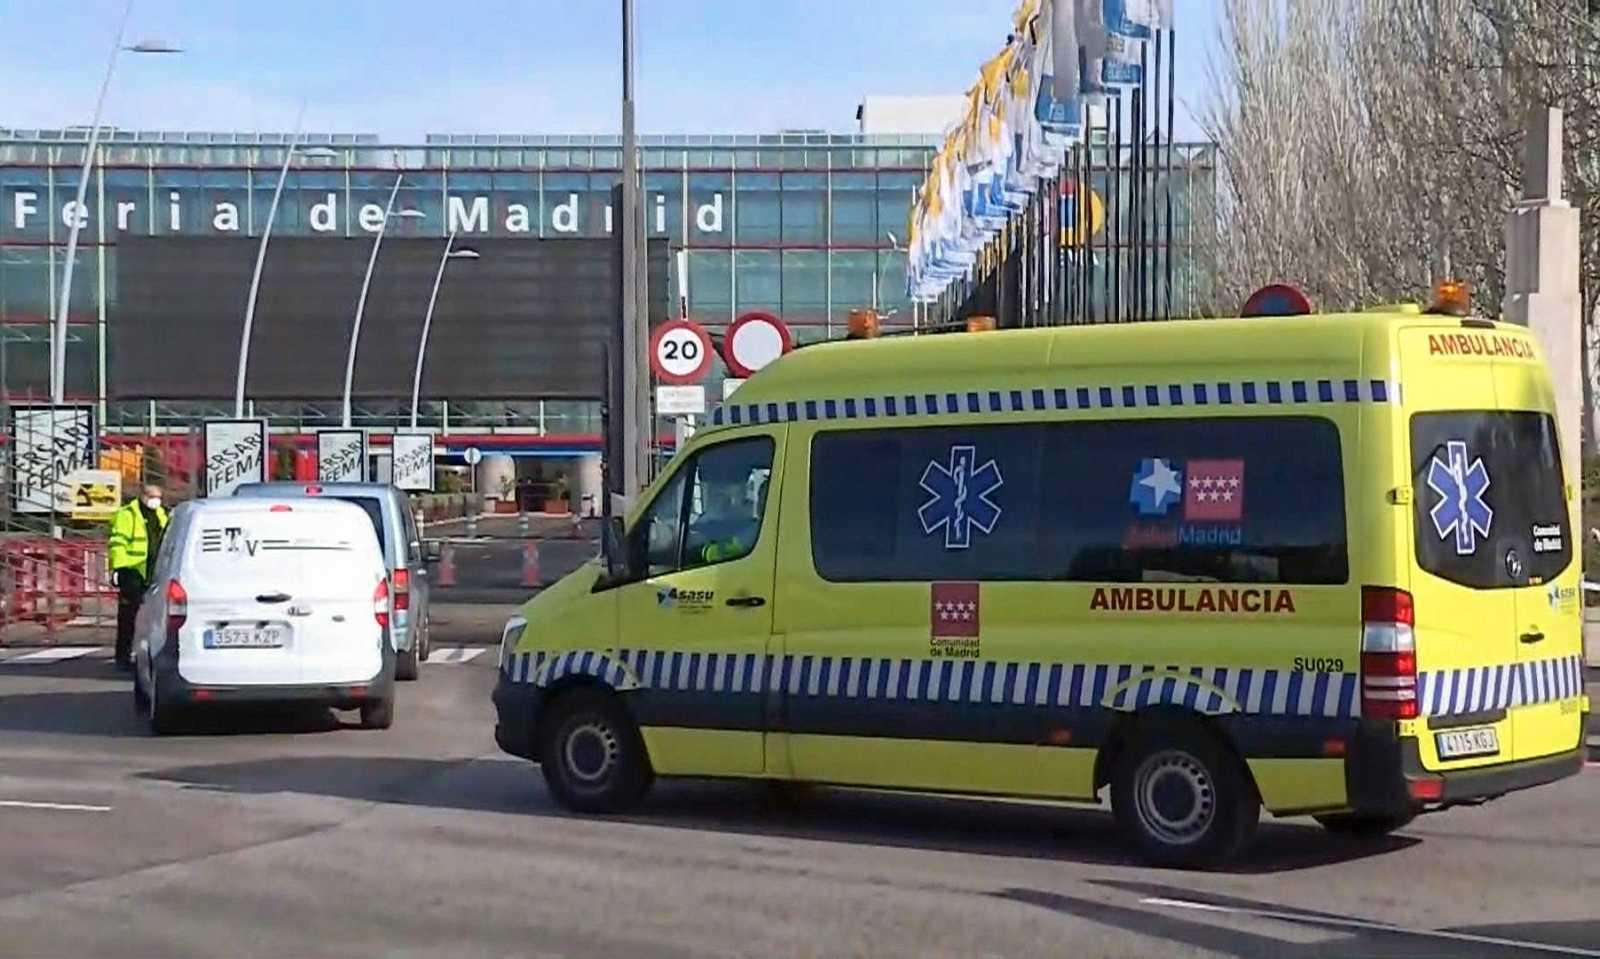 Imagen: Entrada del recinto ferial de Madrid (IFEMA) donde se ha instalado un hospital de campaña